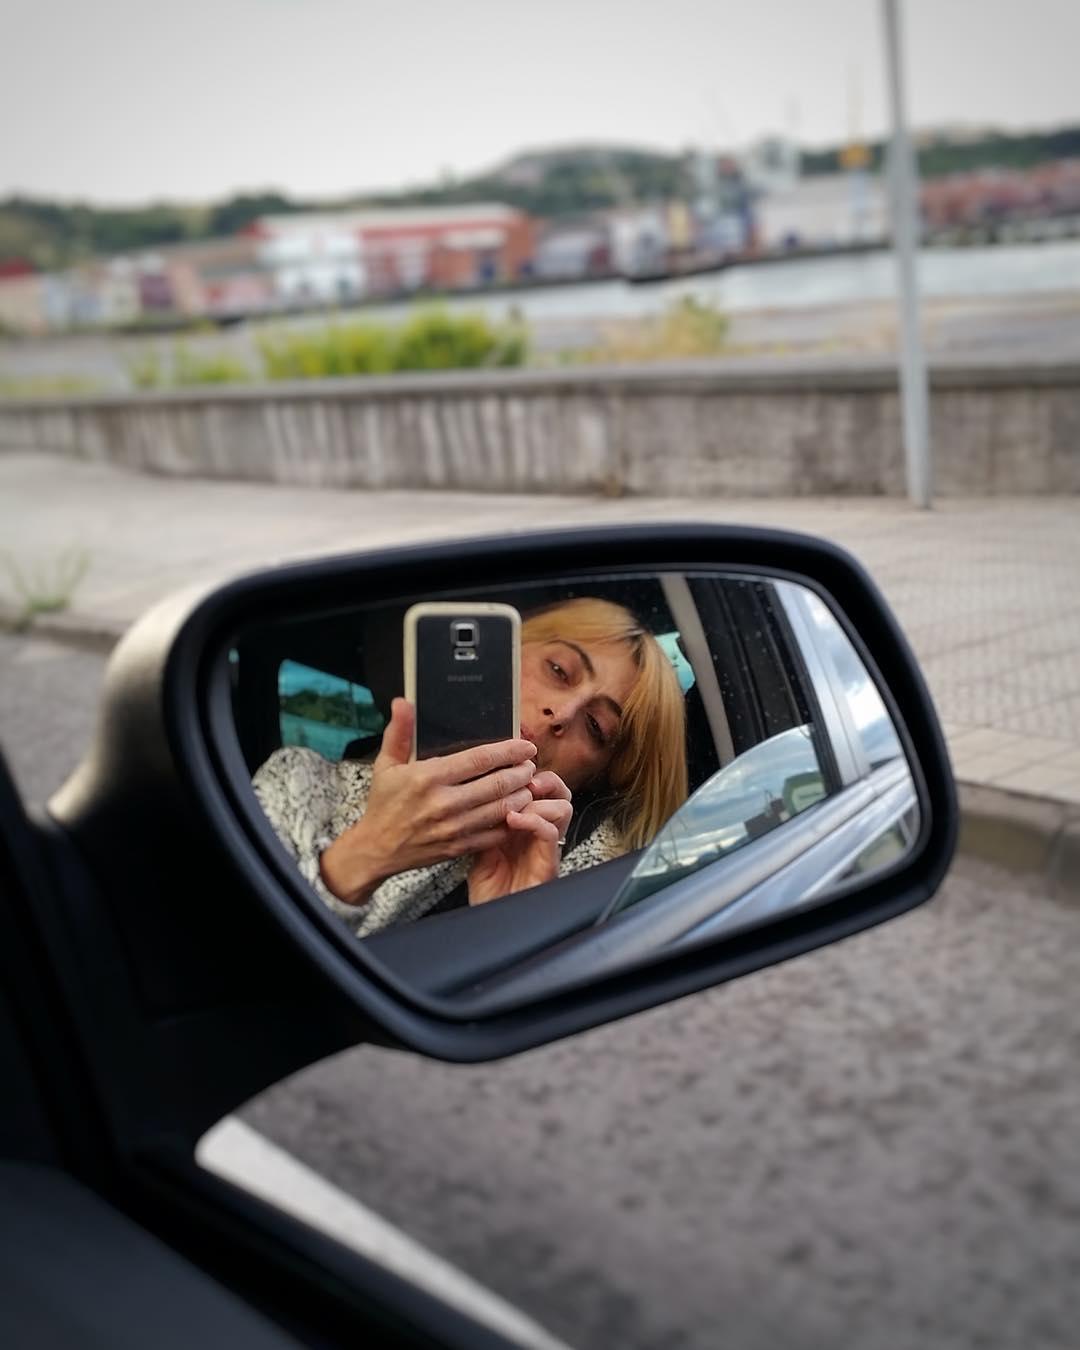 1473924615 - Cuando te aburres en la caravana - Cuando Te Aburres En La Caravana